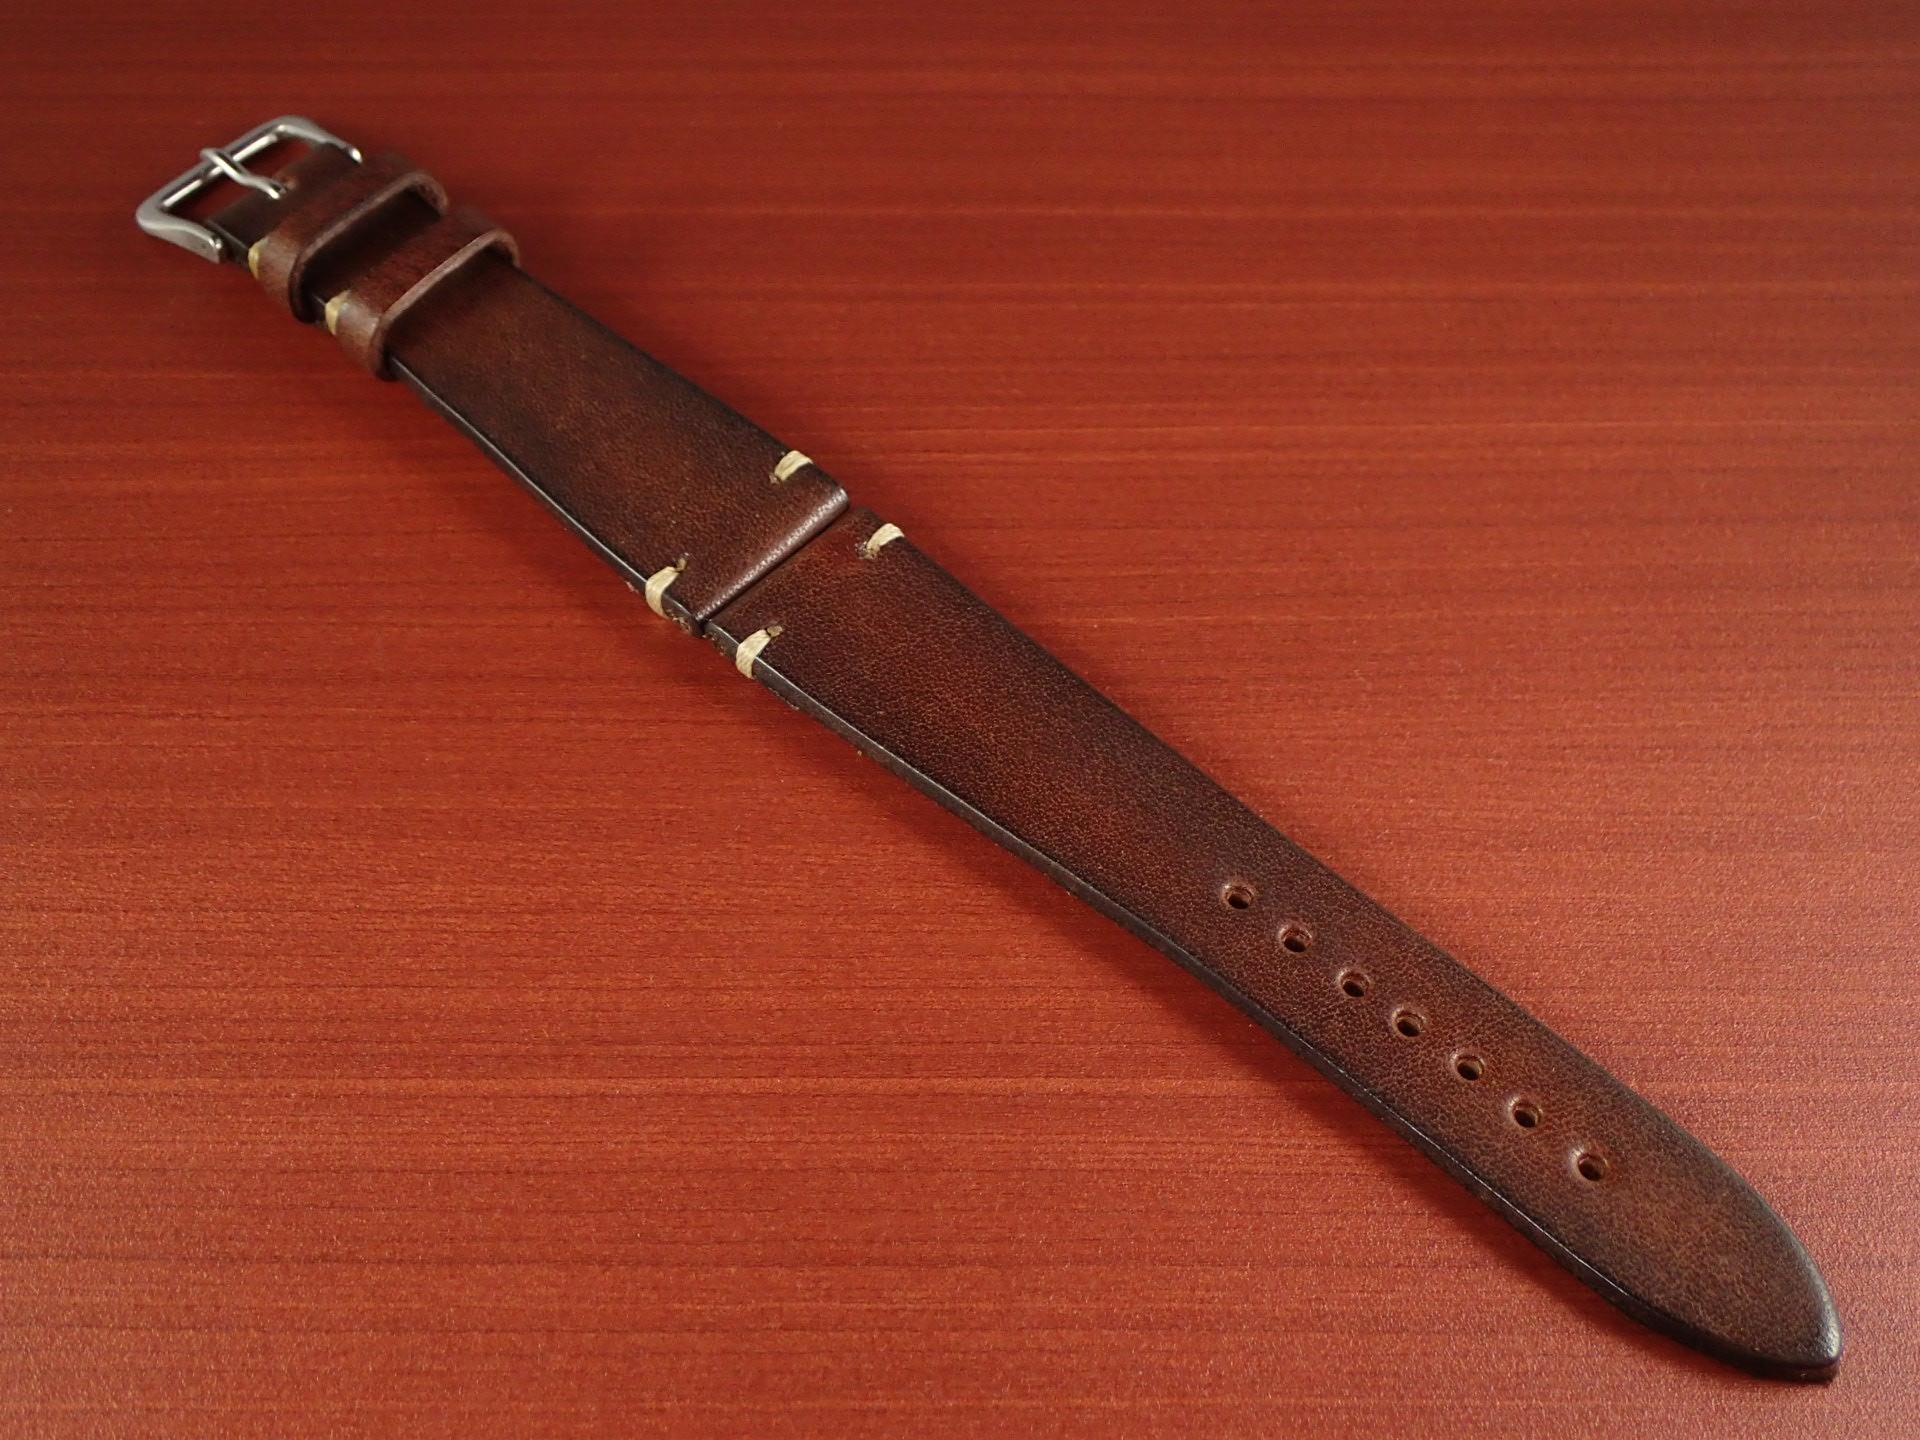 C × V 牛ヌメ革ベルト レギュラー ブラウン 18、20mmのメイン写真